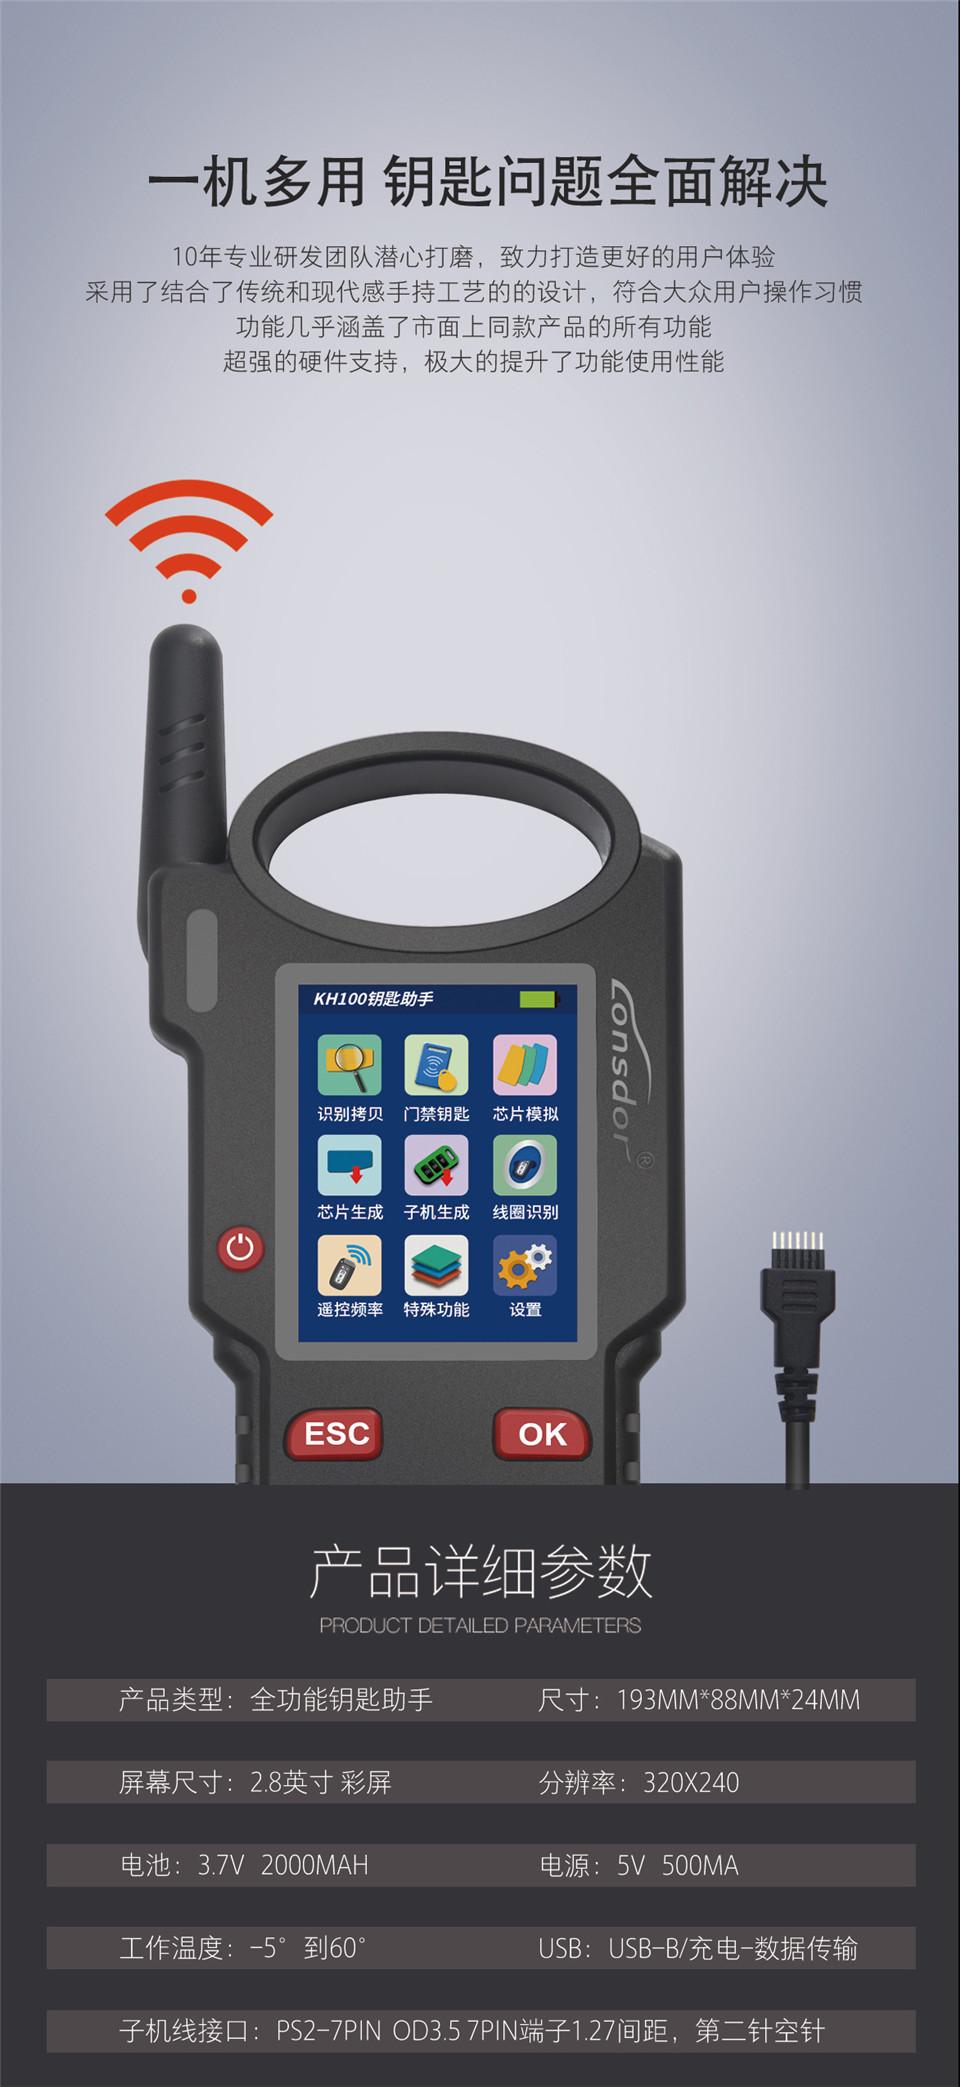 领世达 K518 新品 KH100 全功能 钥匙 助手 芯片 拷贝 识别 生成